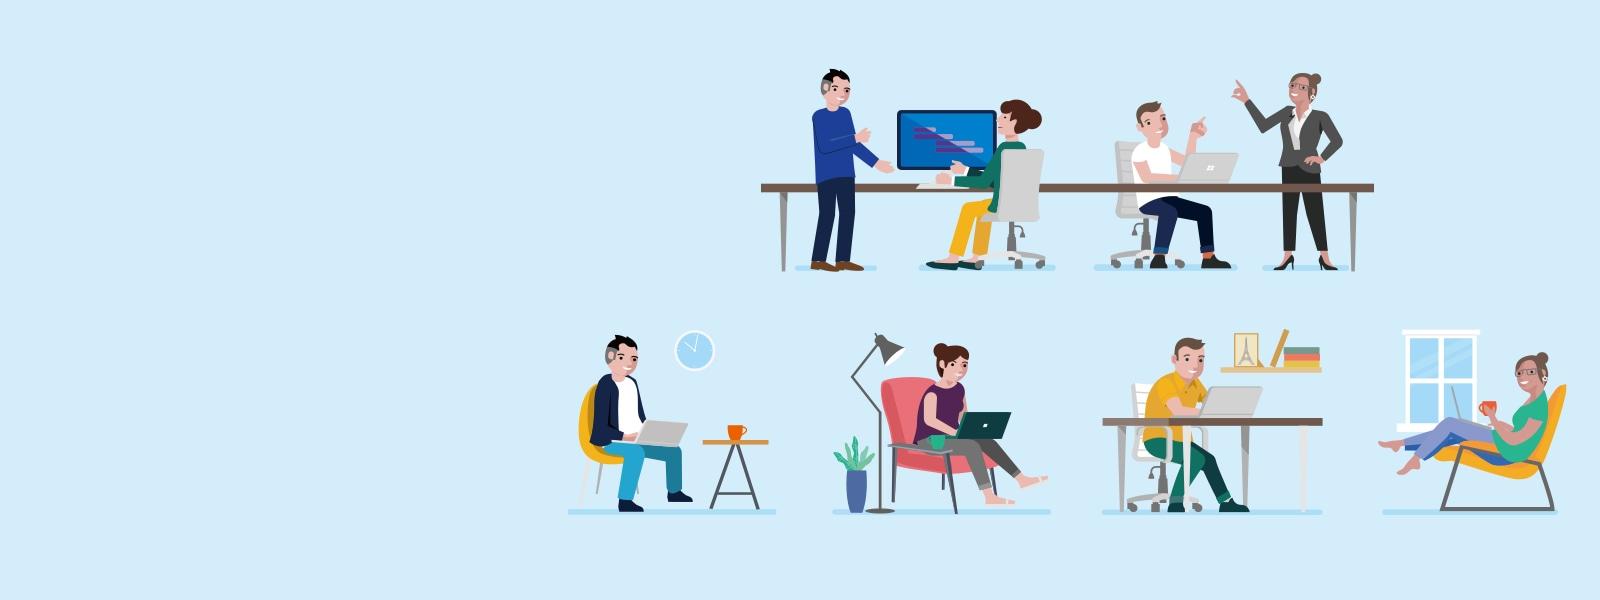 オフィスワークをする人々とリモートワークをする人々のイラスト